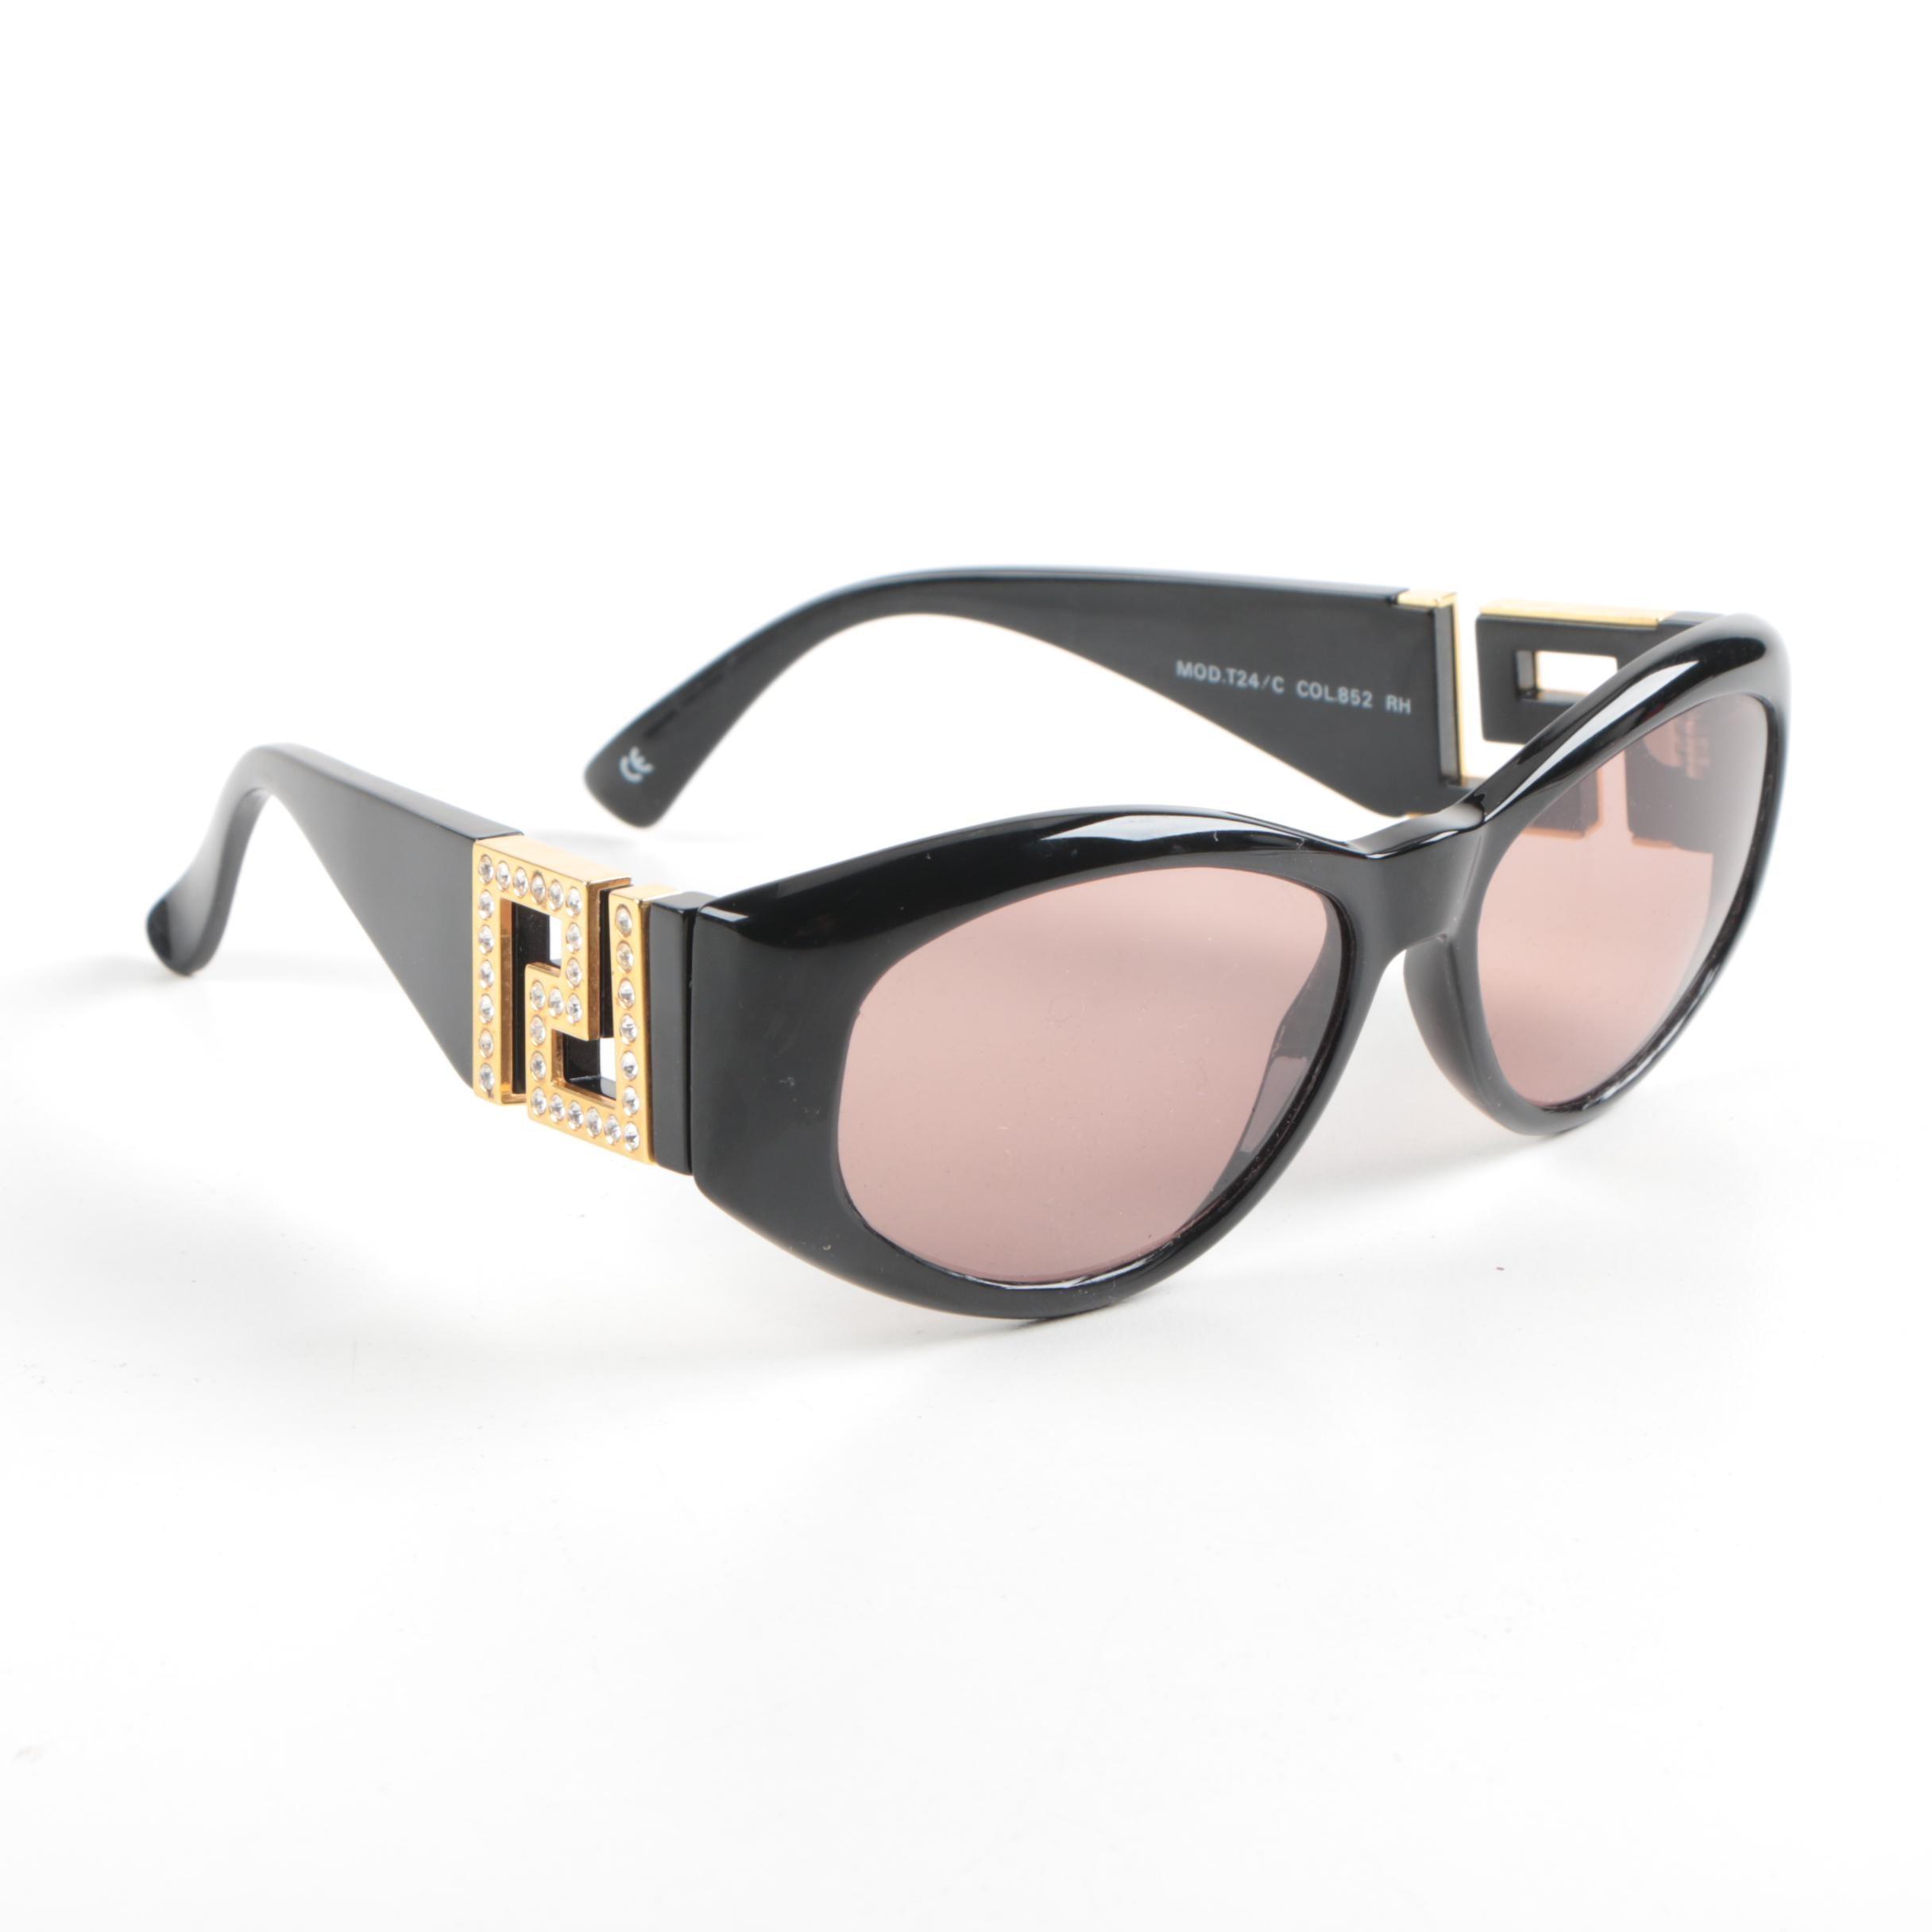 Women's Gianni Versace Black Rhinestone Sunglasses